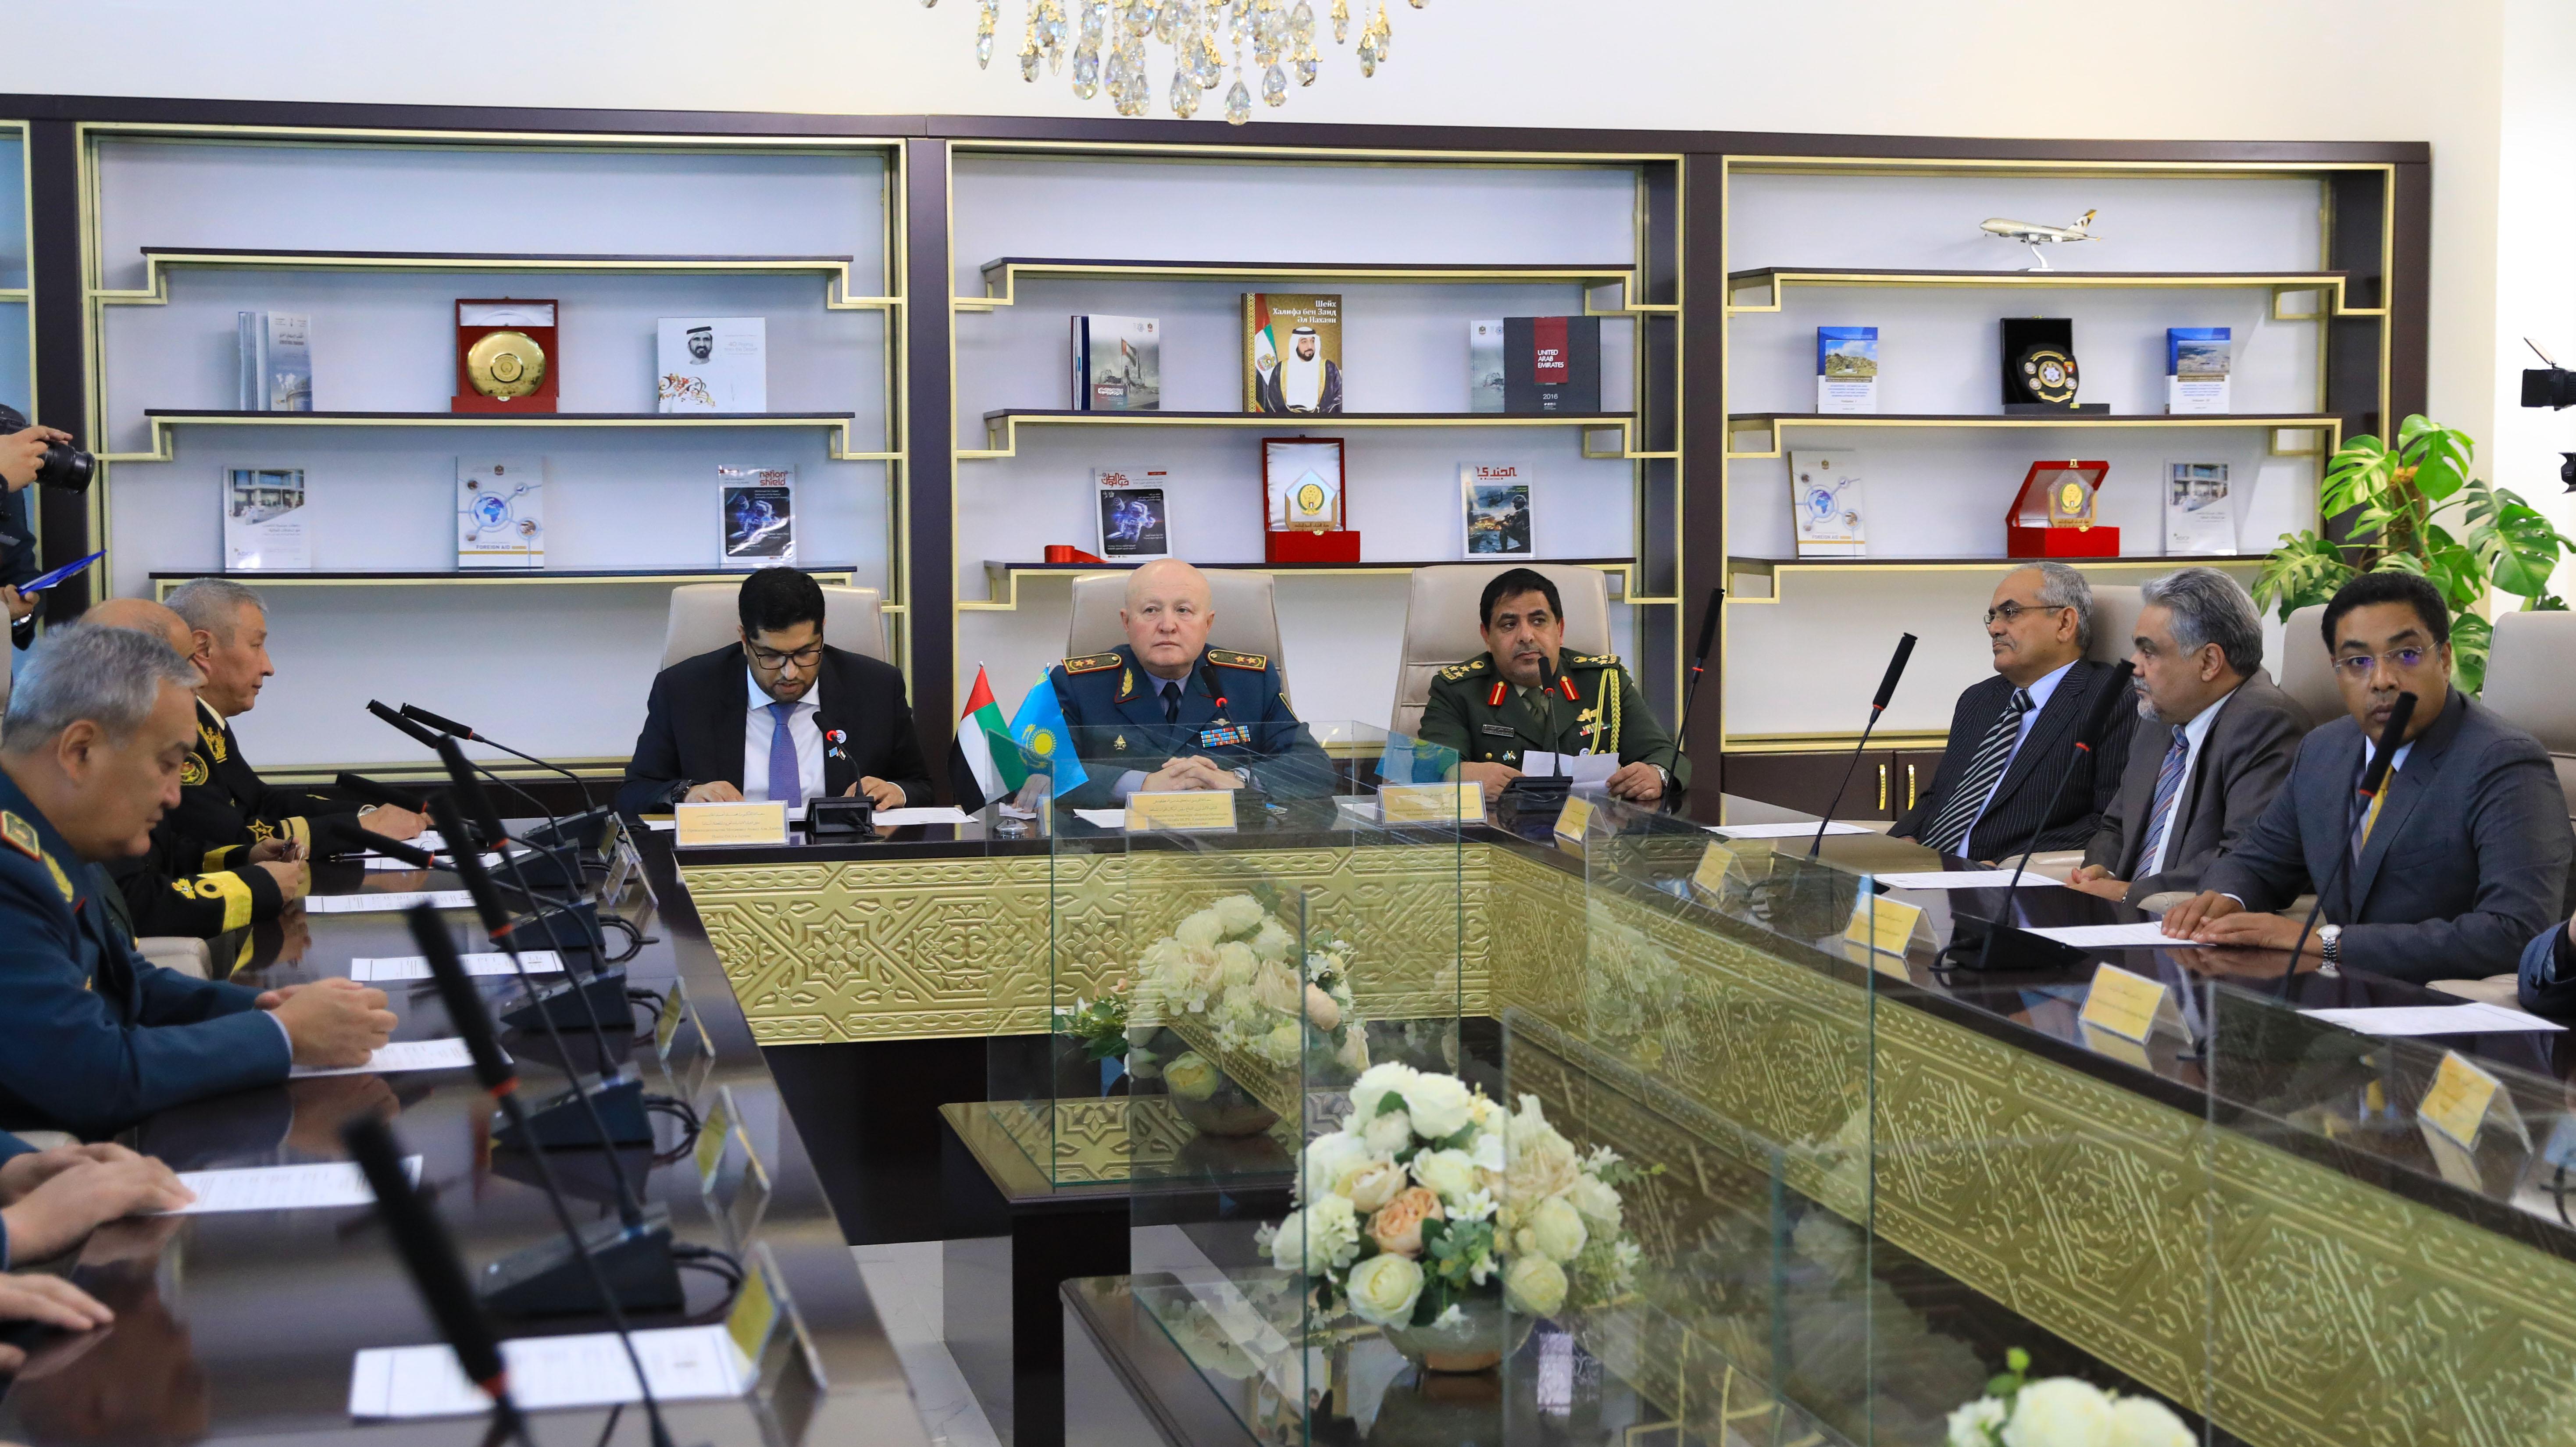 Аудиторию военного искусства Вооруженных сил ОАЭ открыли в университете обороны в Астане